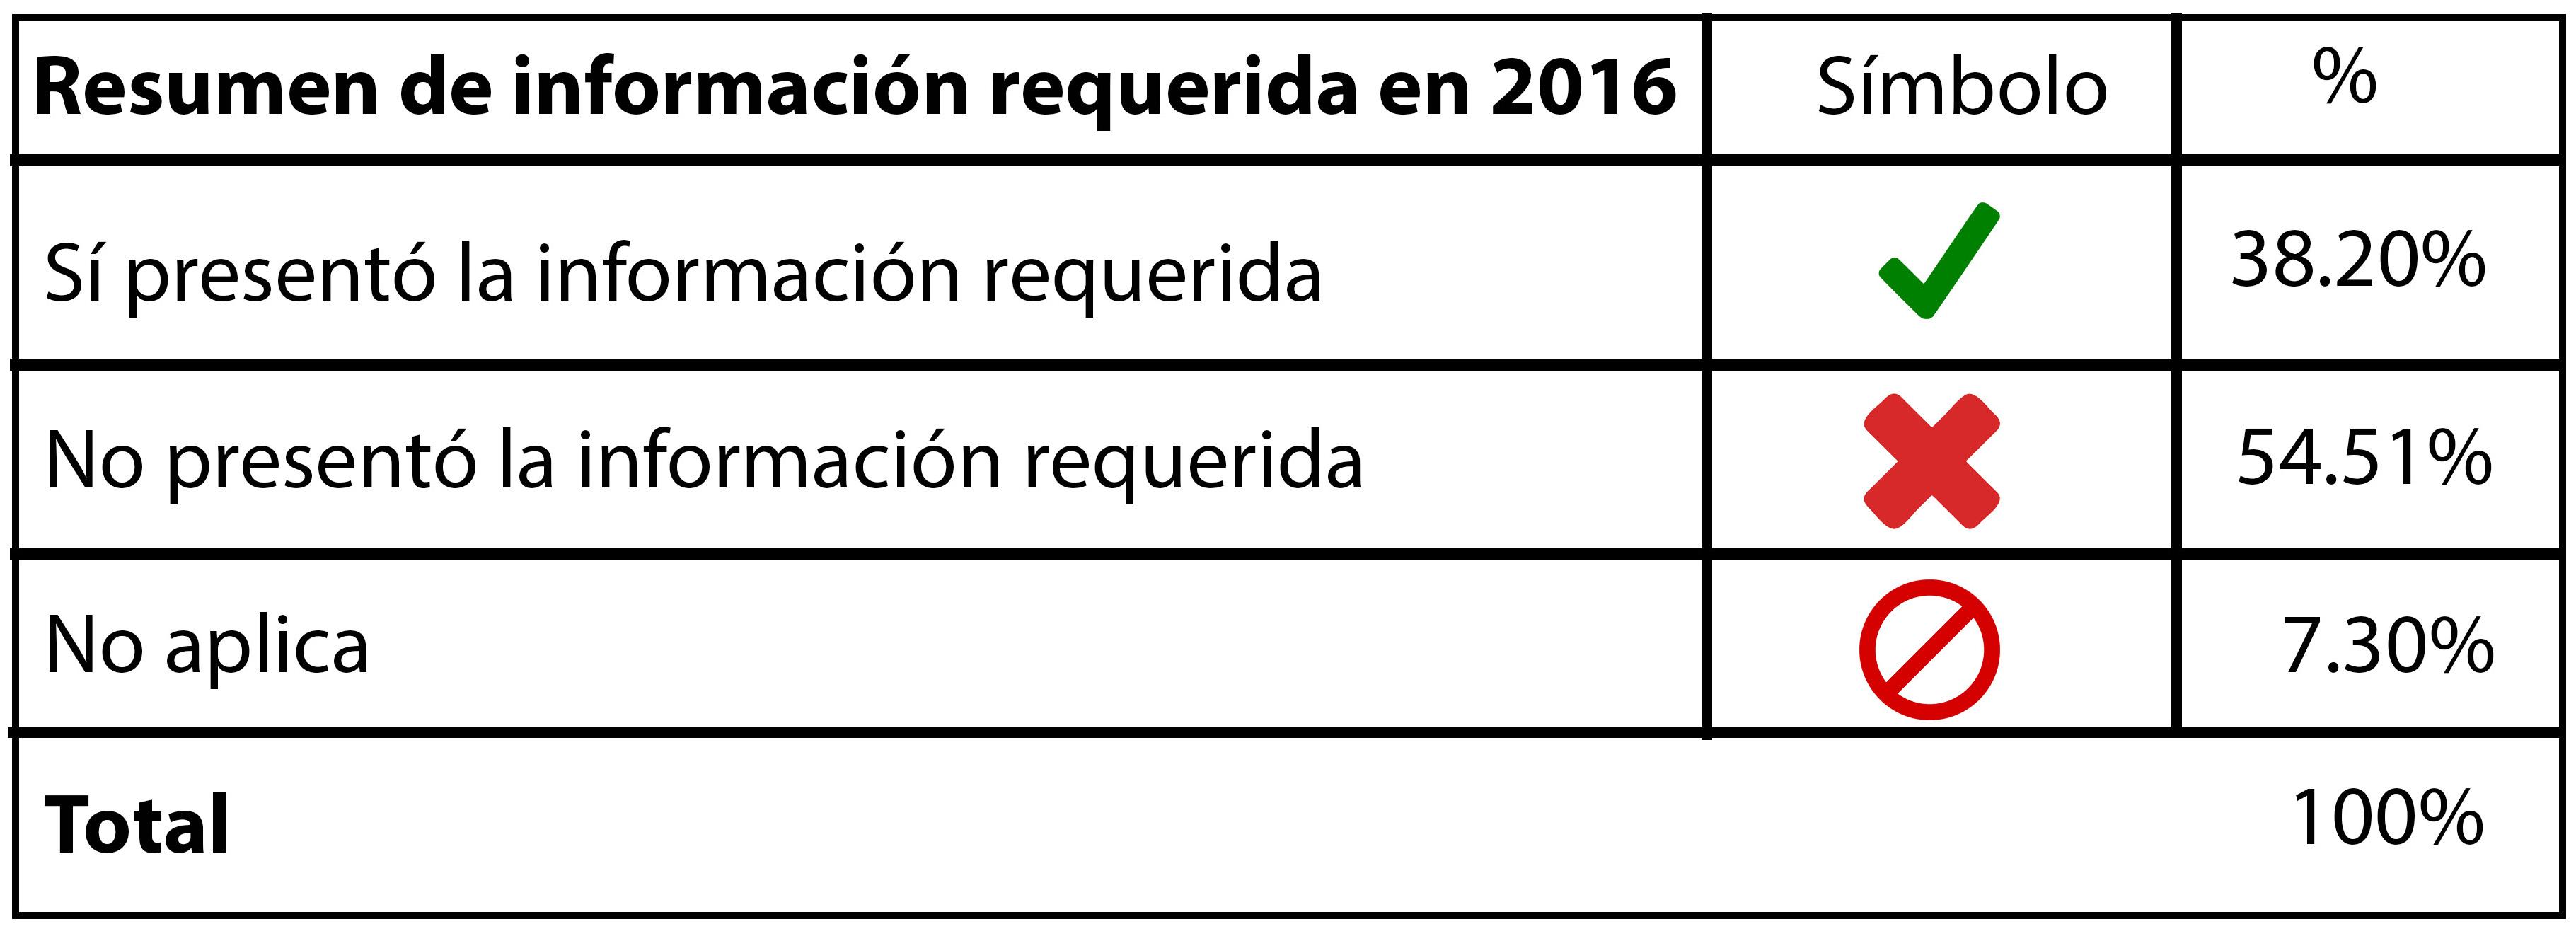 Porcentaje de información presentada por el Inedec en su informe anual de resultados, para revisión por parte de la Auditoría Superior del Estado de Coahuila.